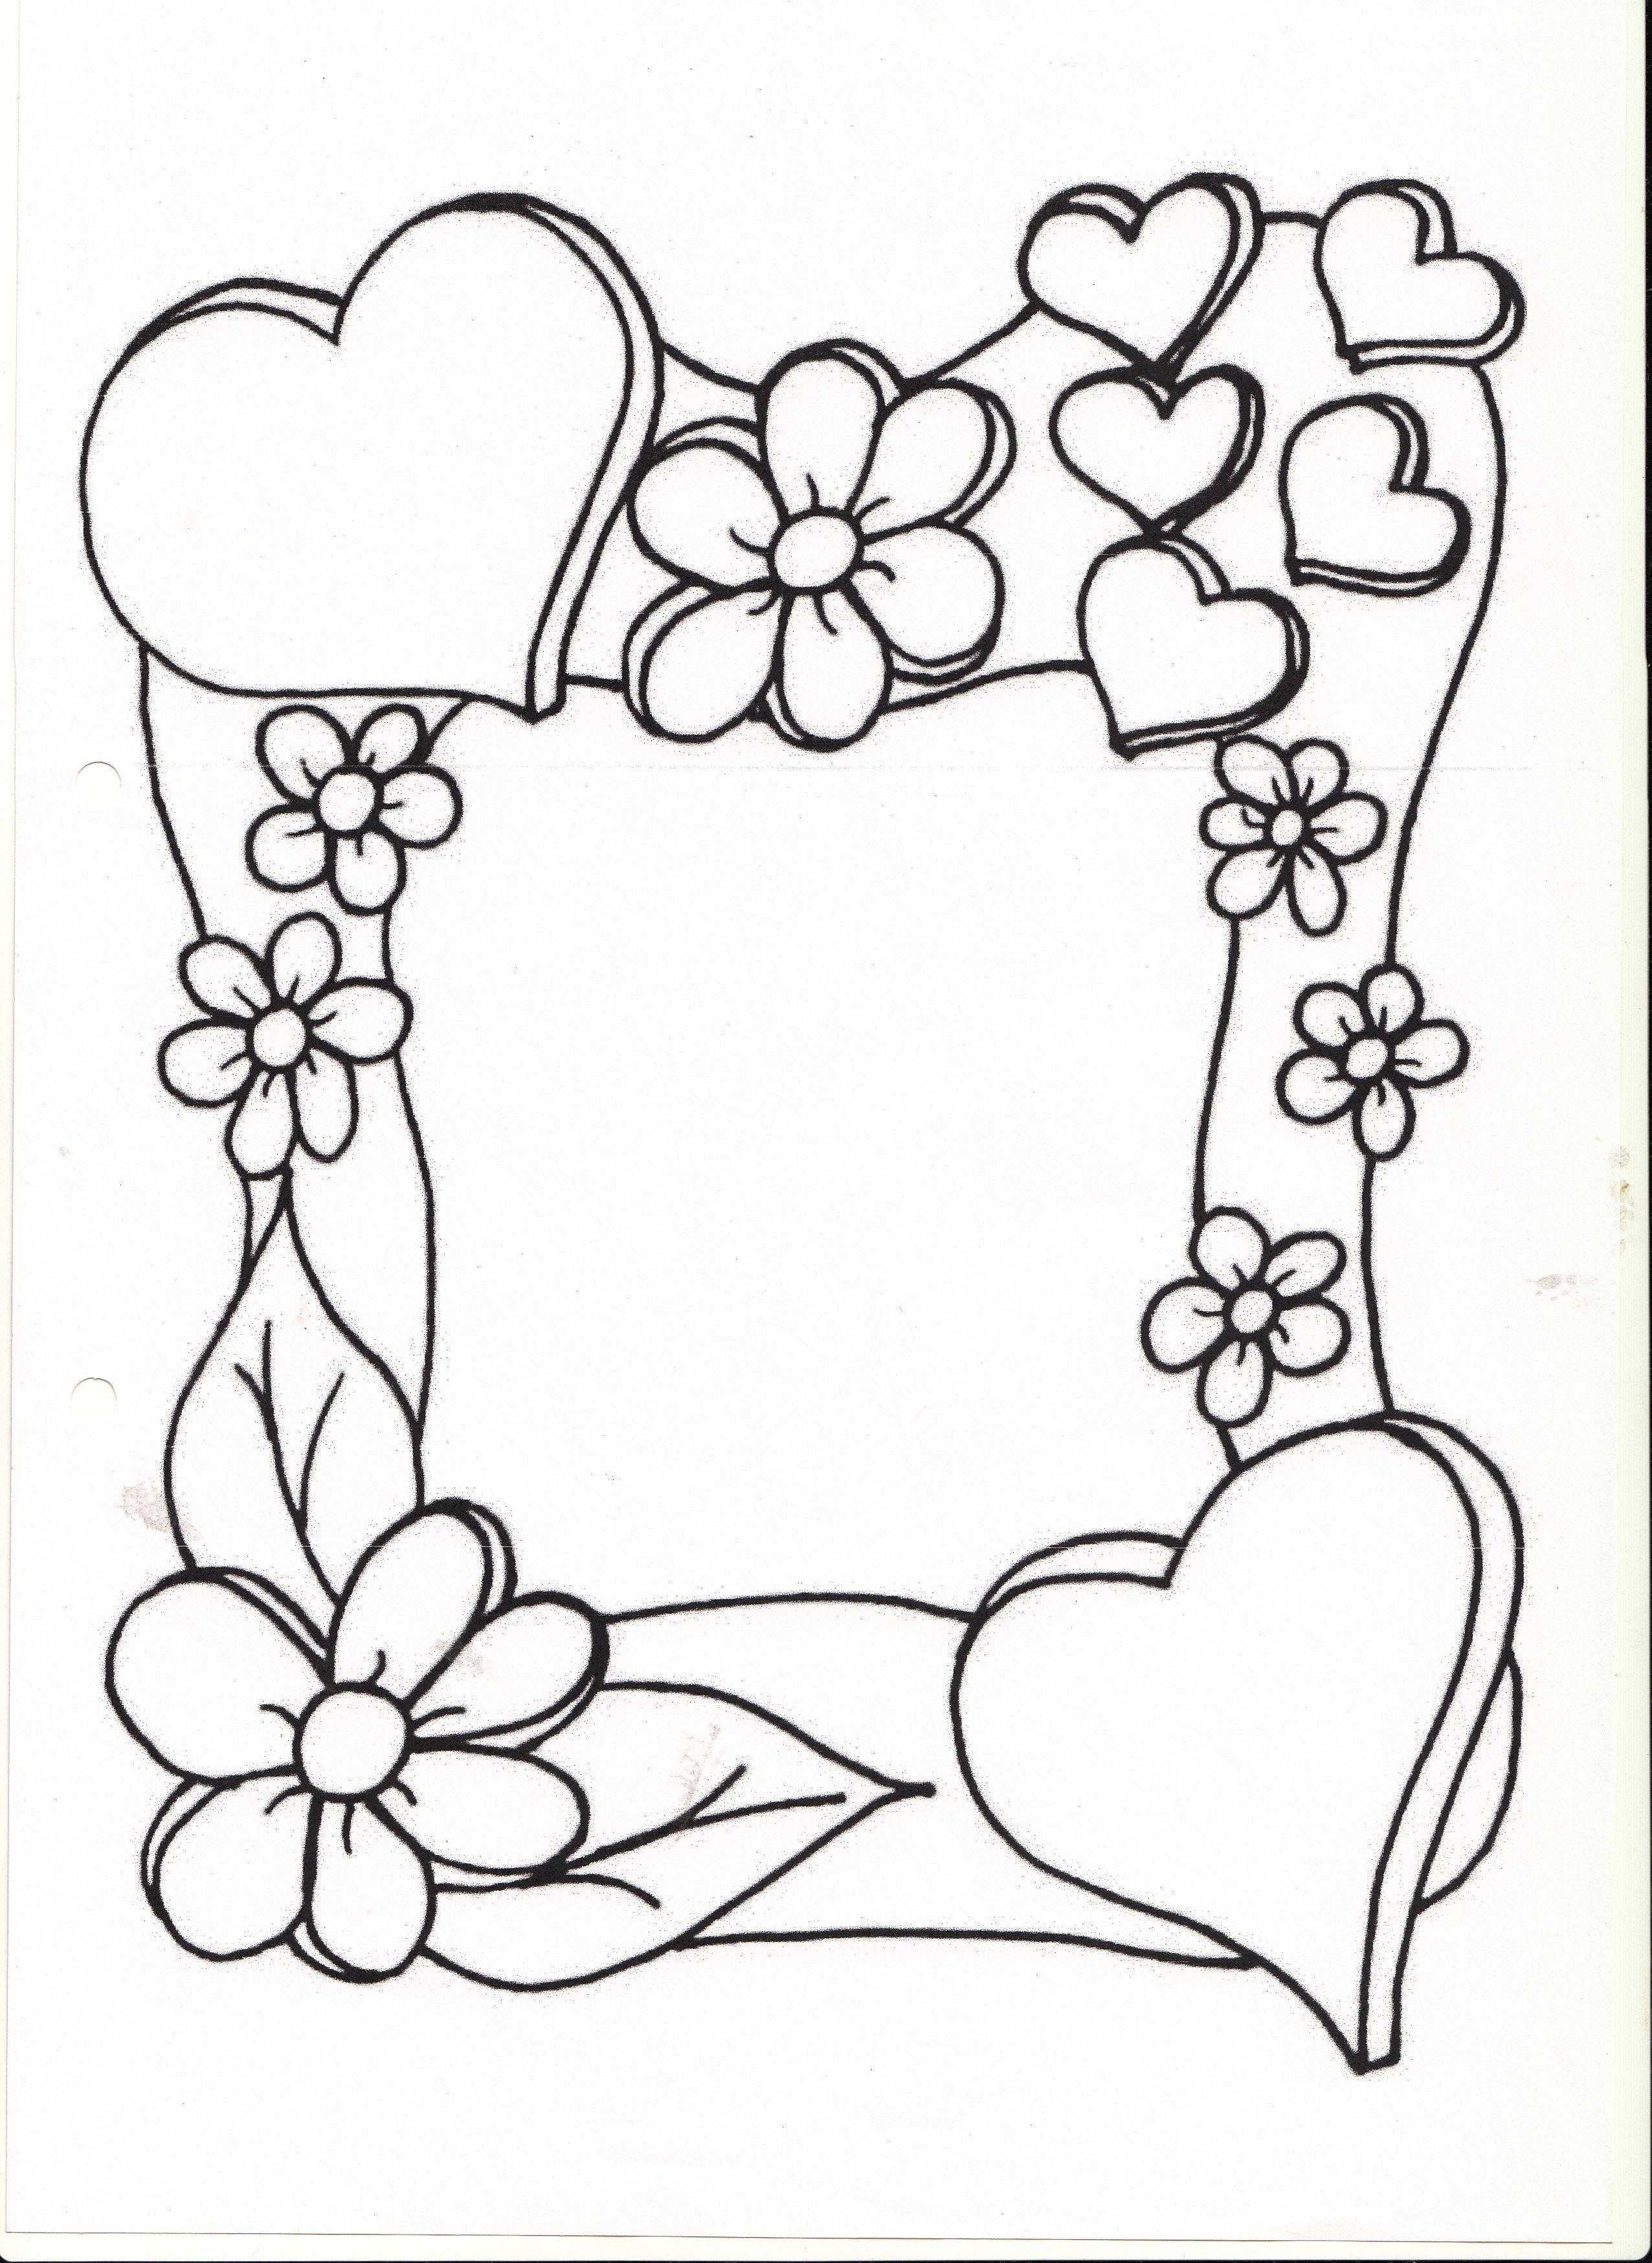 Обрамление для открытки раскраска, картинки прикольные